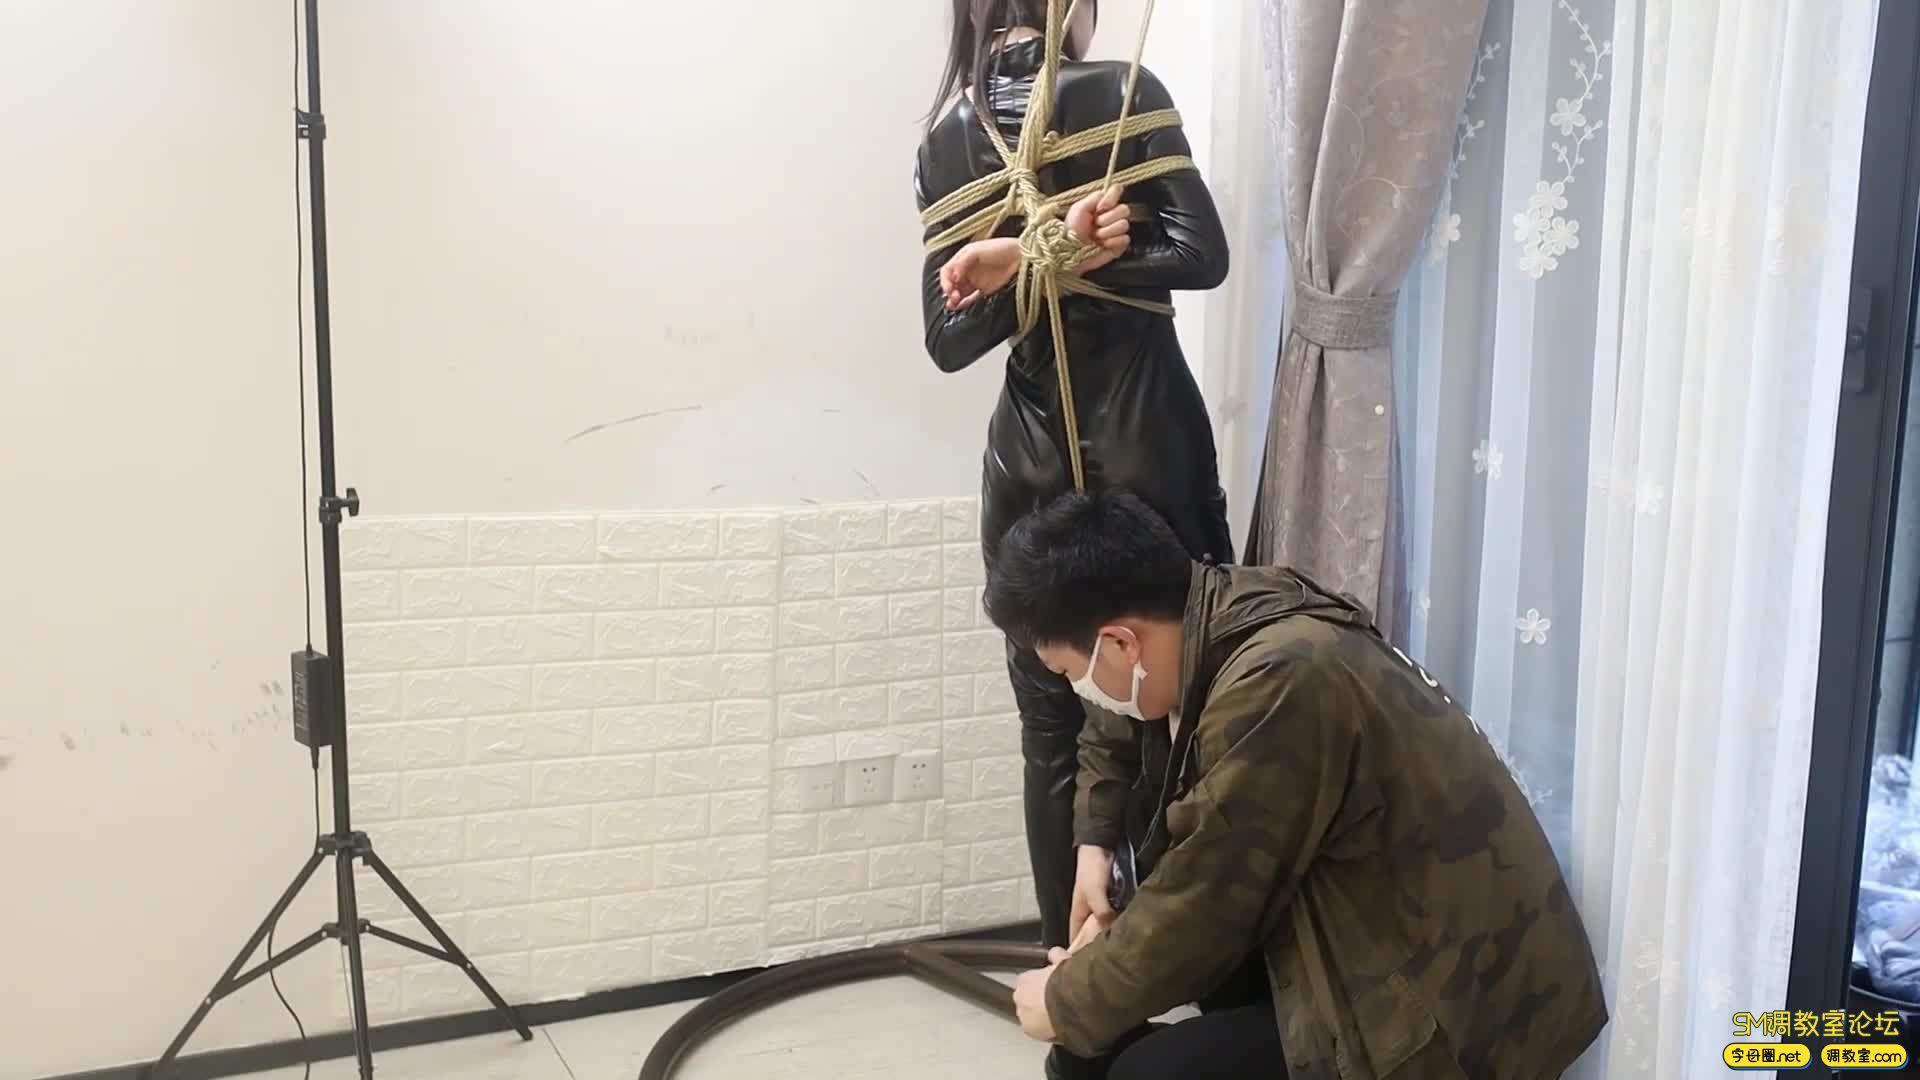 心悦艺束_雅雅小女王被奴隶迷晕了,被绑起来各种调教-视频截图5